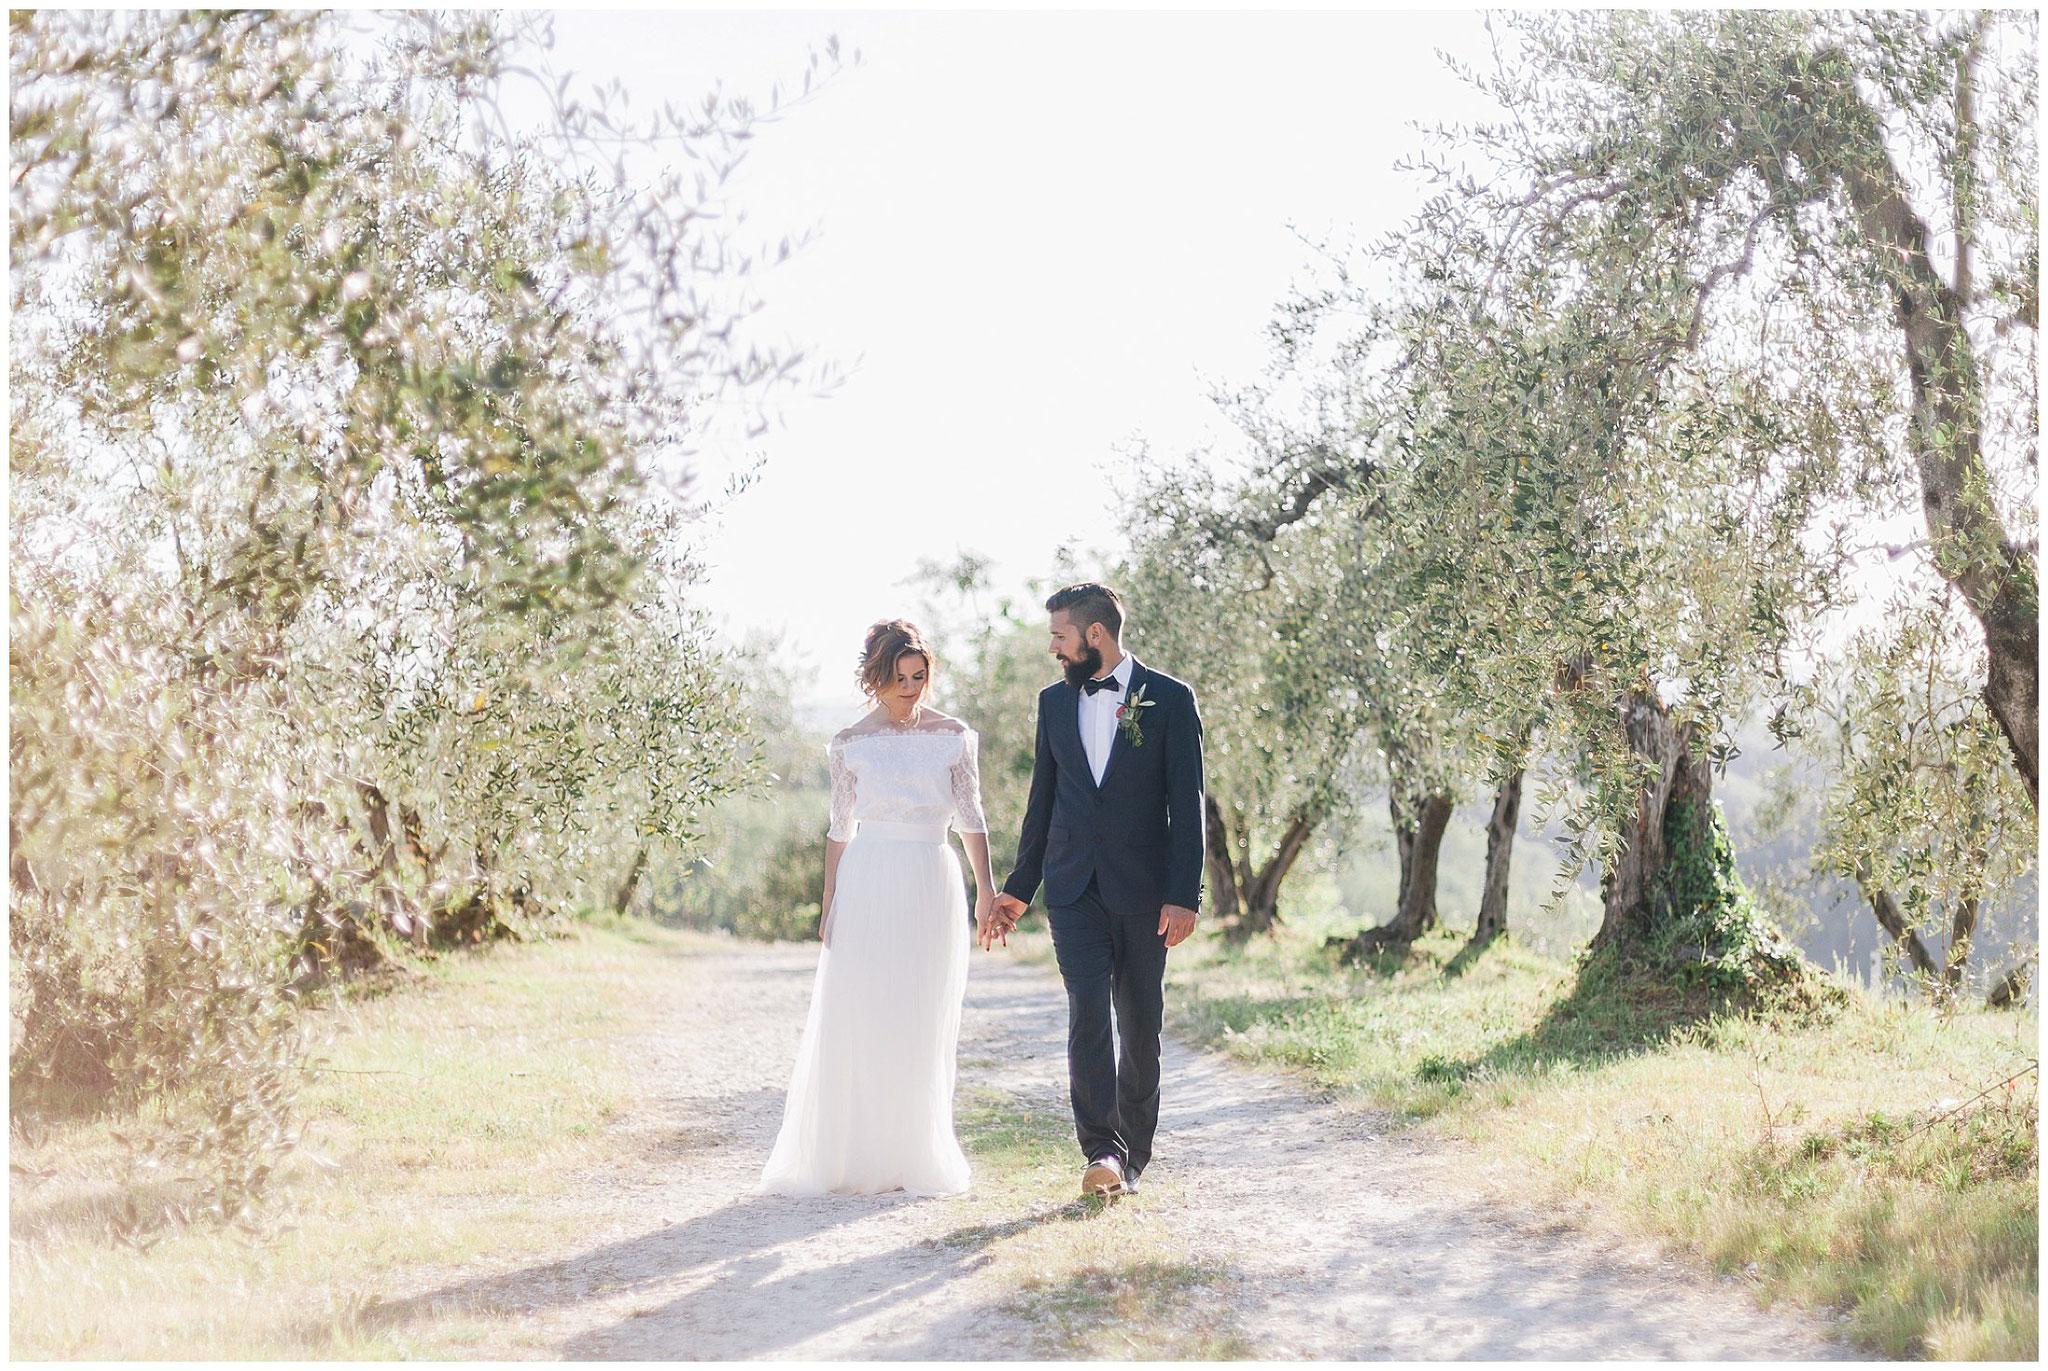 Italien Hochzeitsfotograf Toskana jane weber Olivenbäume  Auslandshochzeit destinationwedding